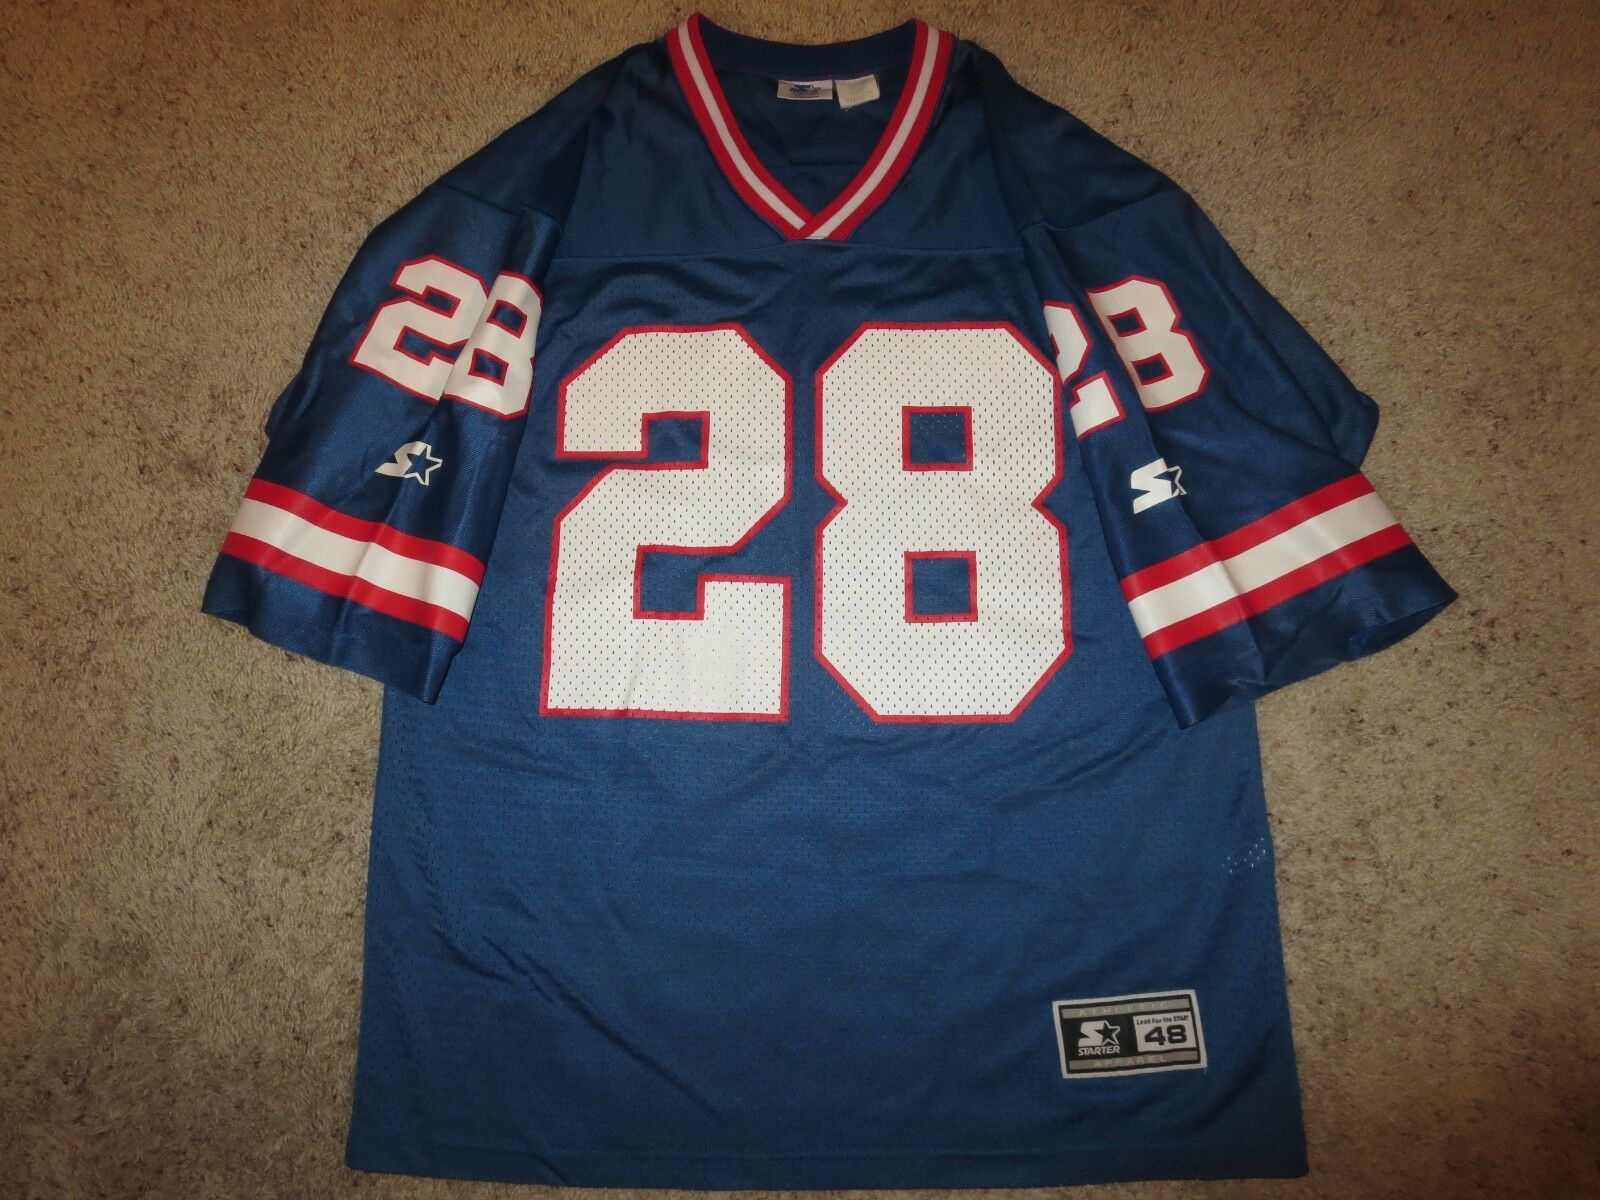 Tyrone Wheatley  28 New York Giants NFL Starter Starter Starter Trikot 48 L 619ebd